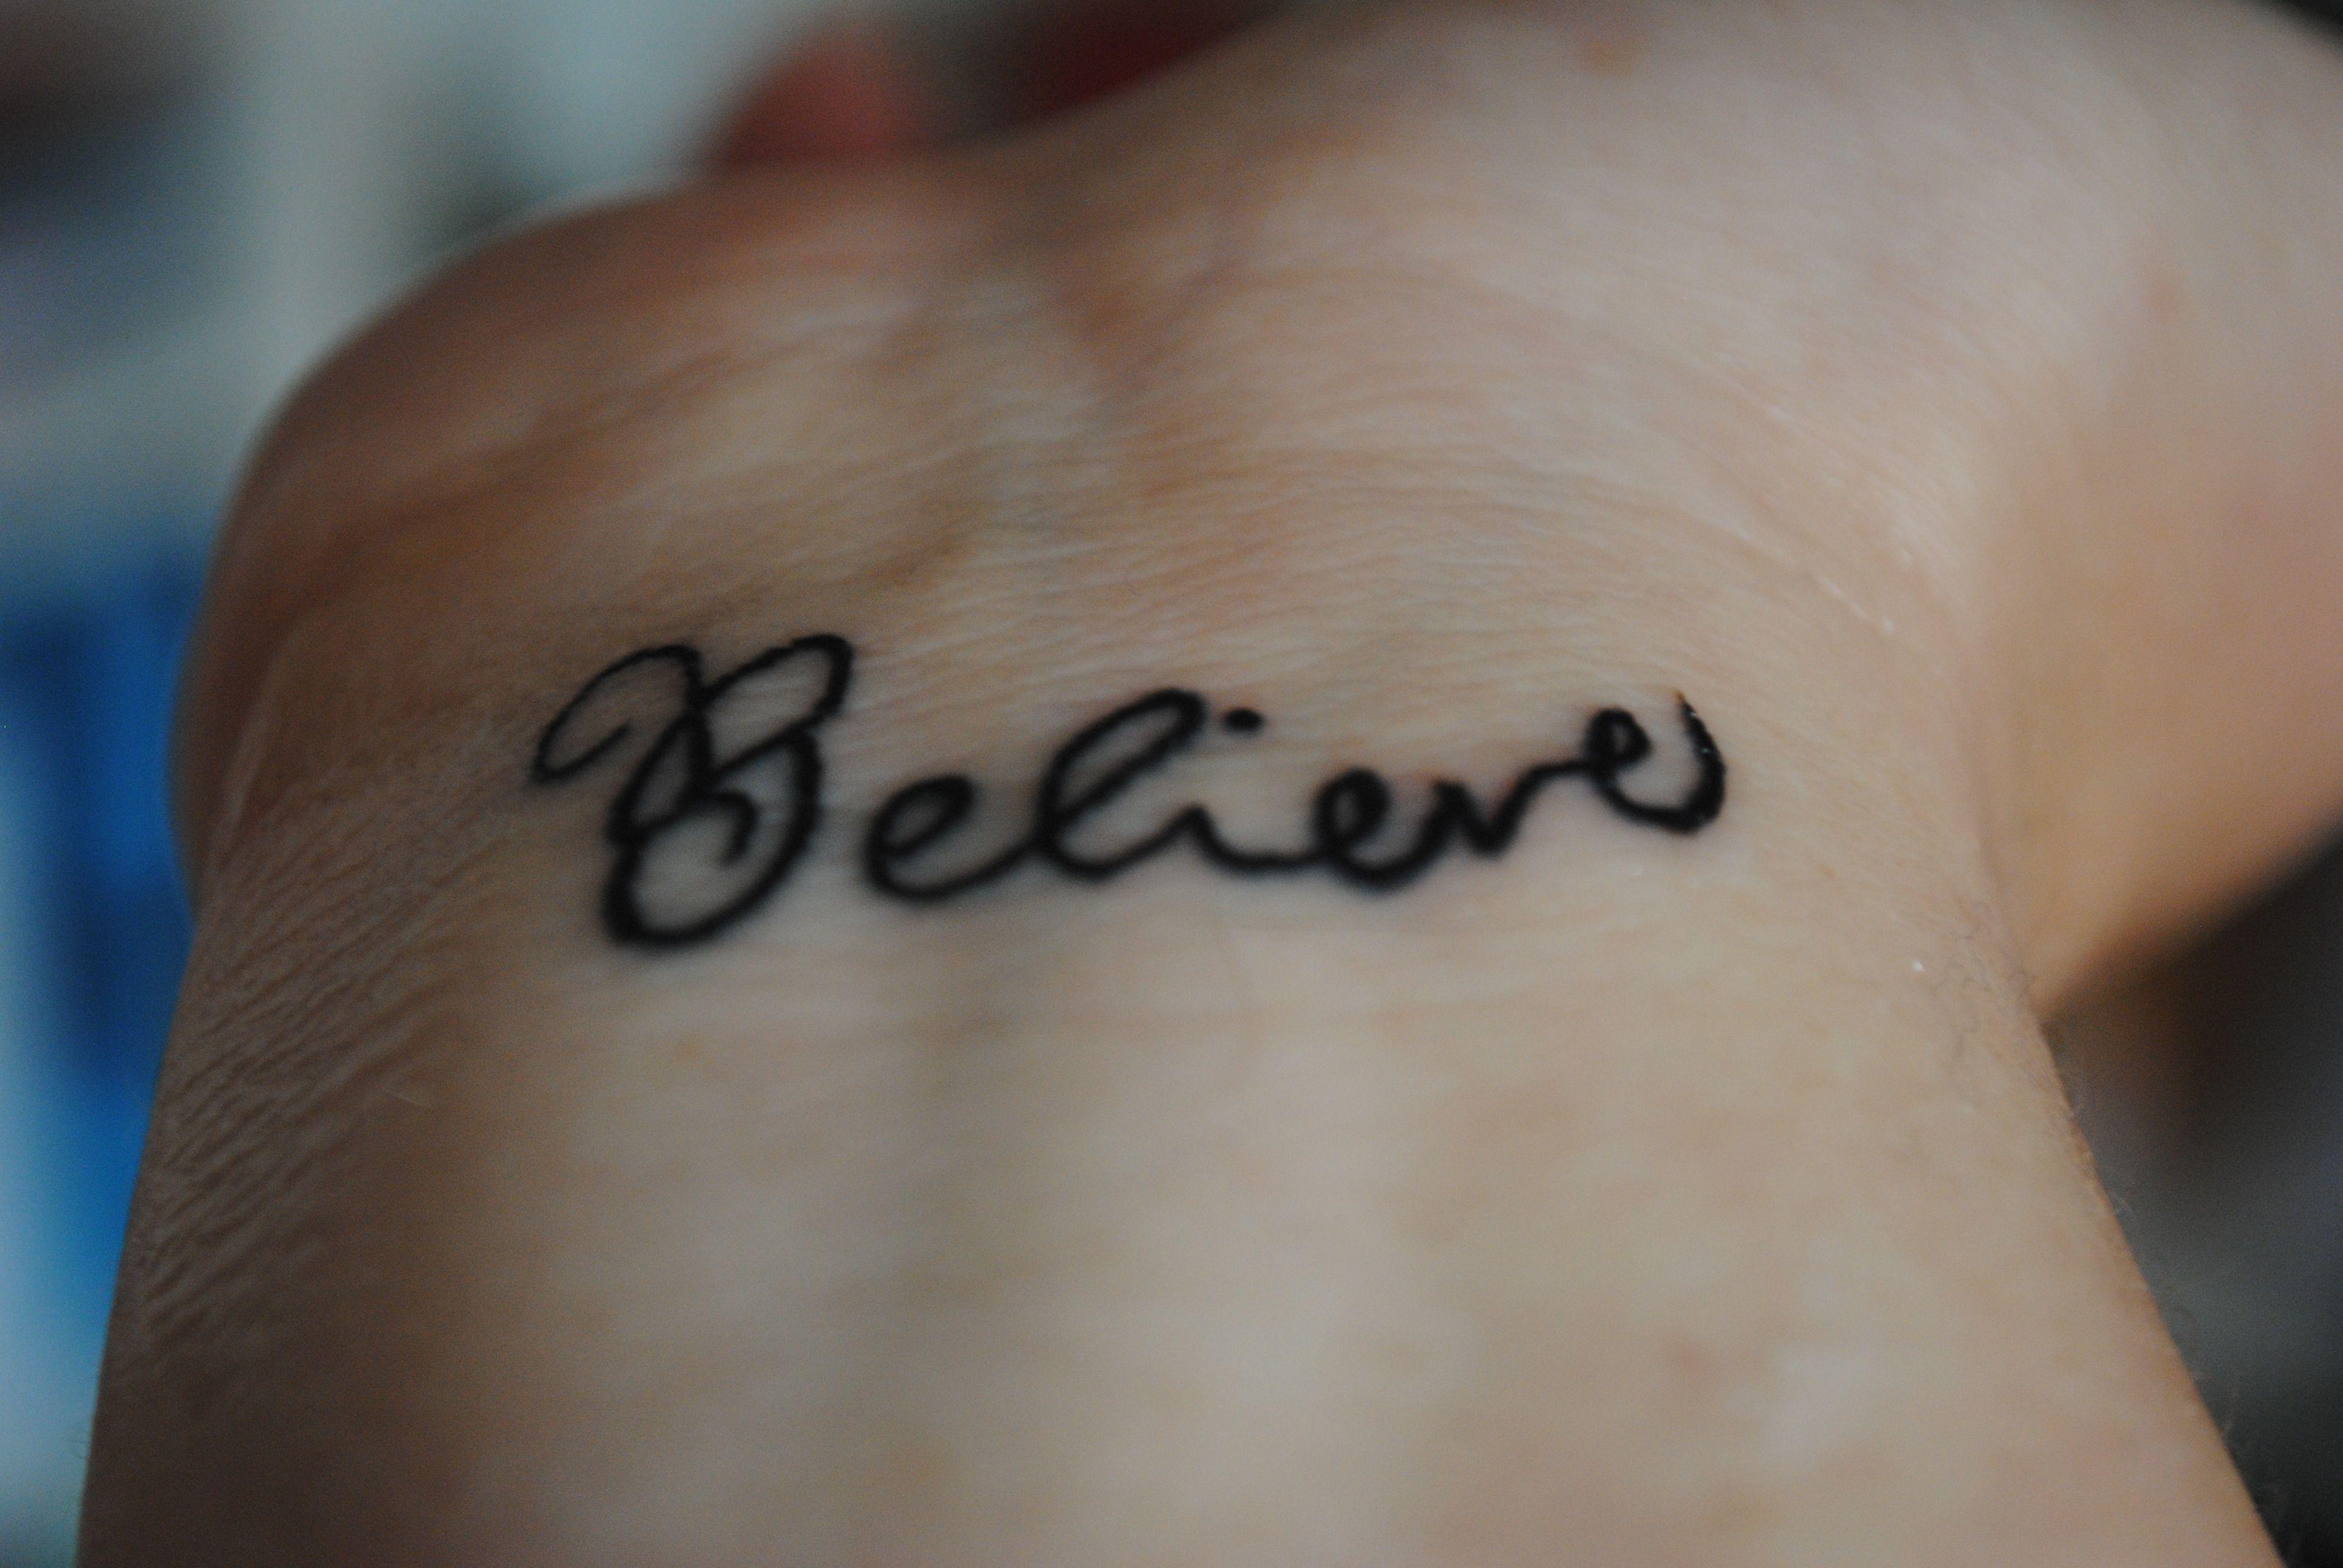 Believe real tatoo tattoo pinterest tatoo tatting and tattoo